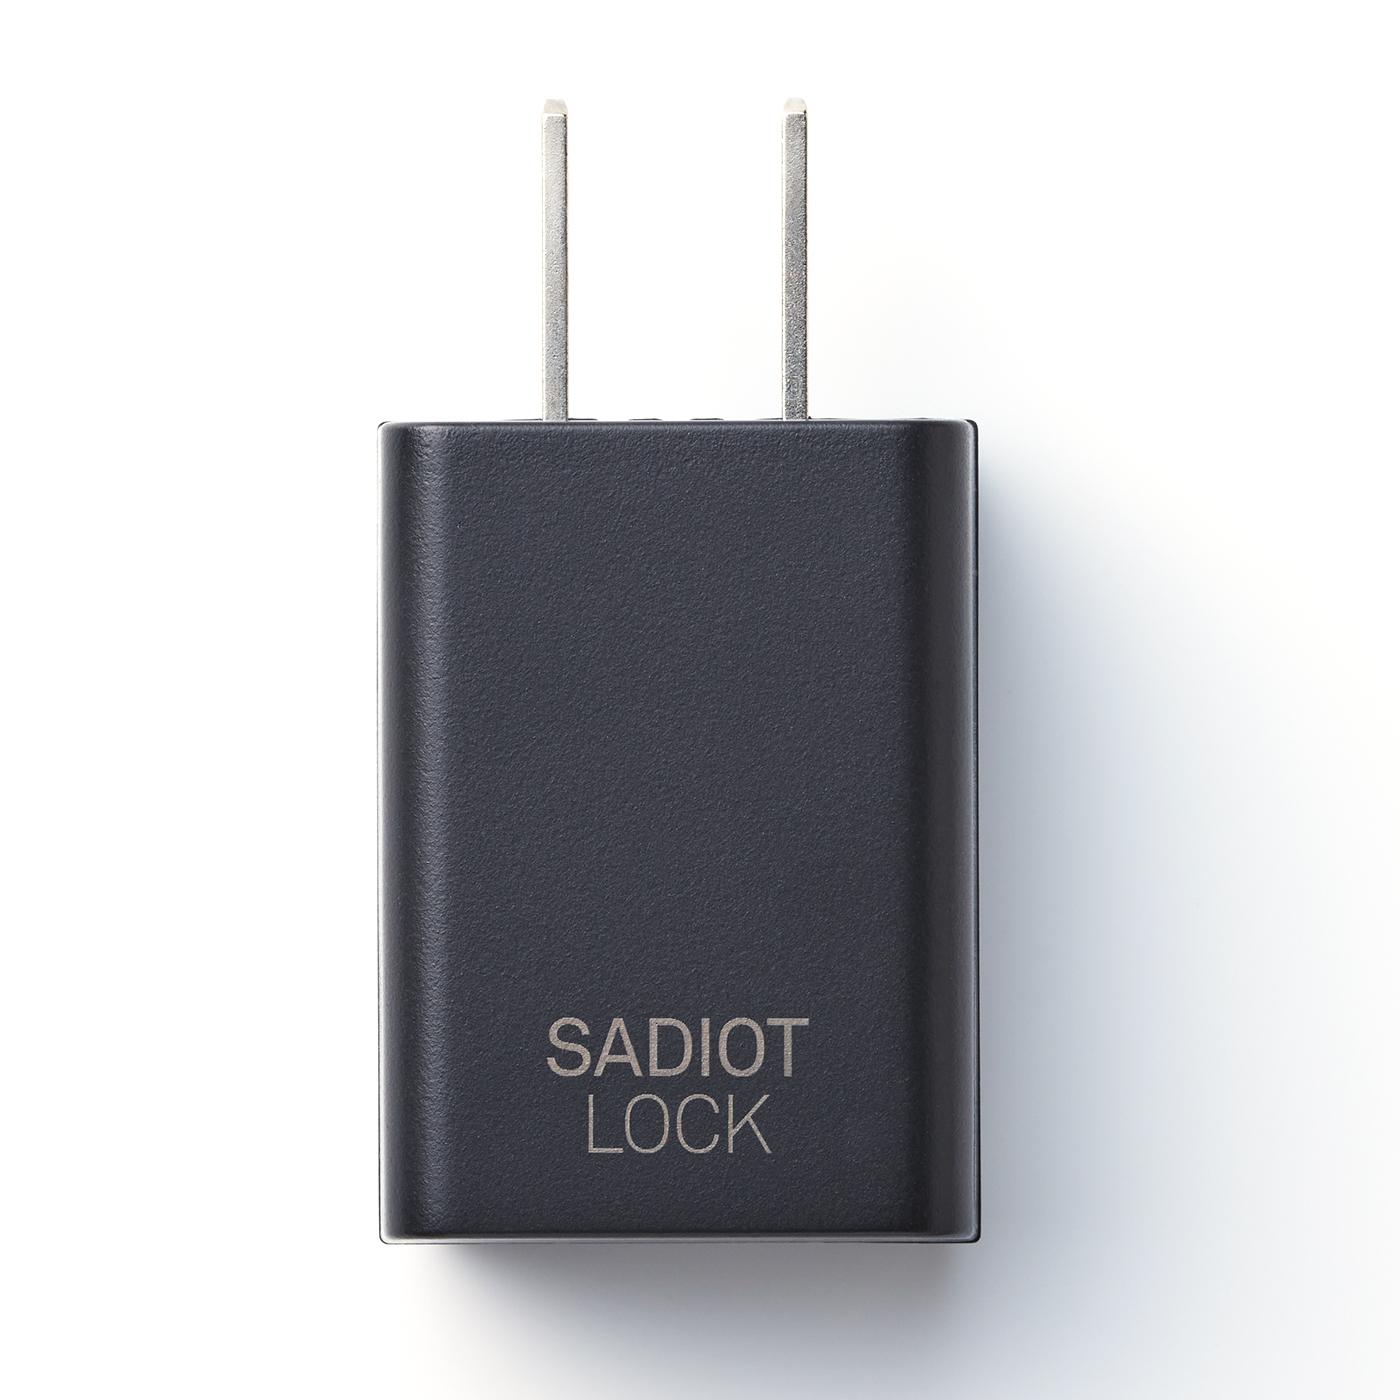 安全 安心は新しいカタチへ お洒落 カギにできることをもっと SADIOT Adapter 新品■送料無料■ LOCK サディオロックアダプター 家庭用コンセントUSB電源変用